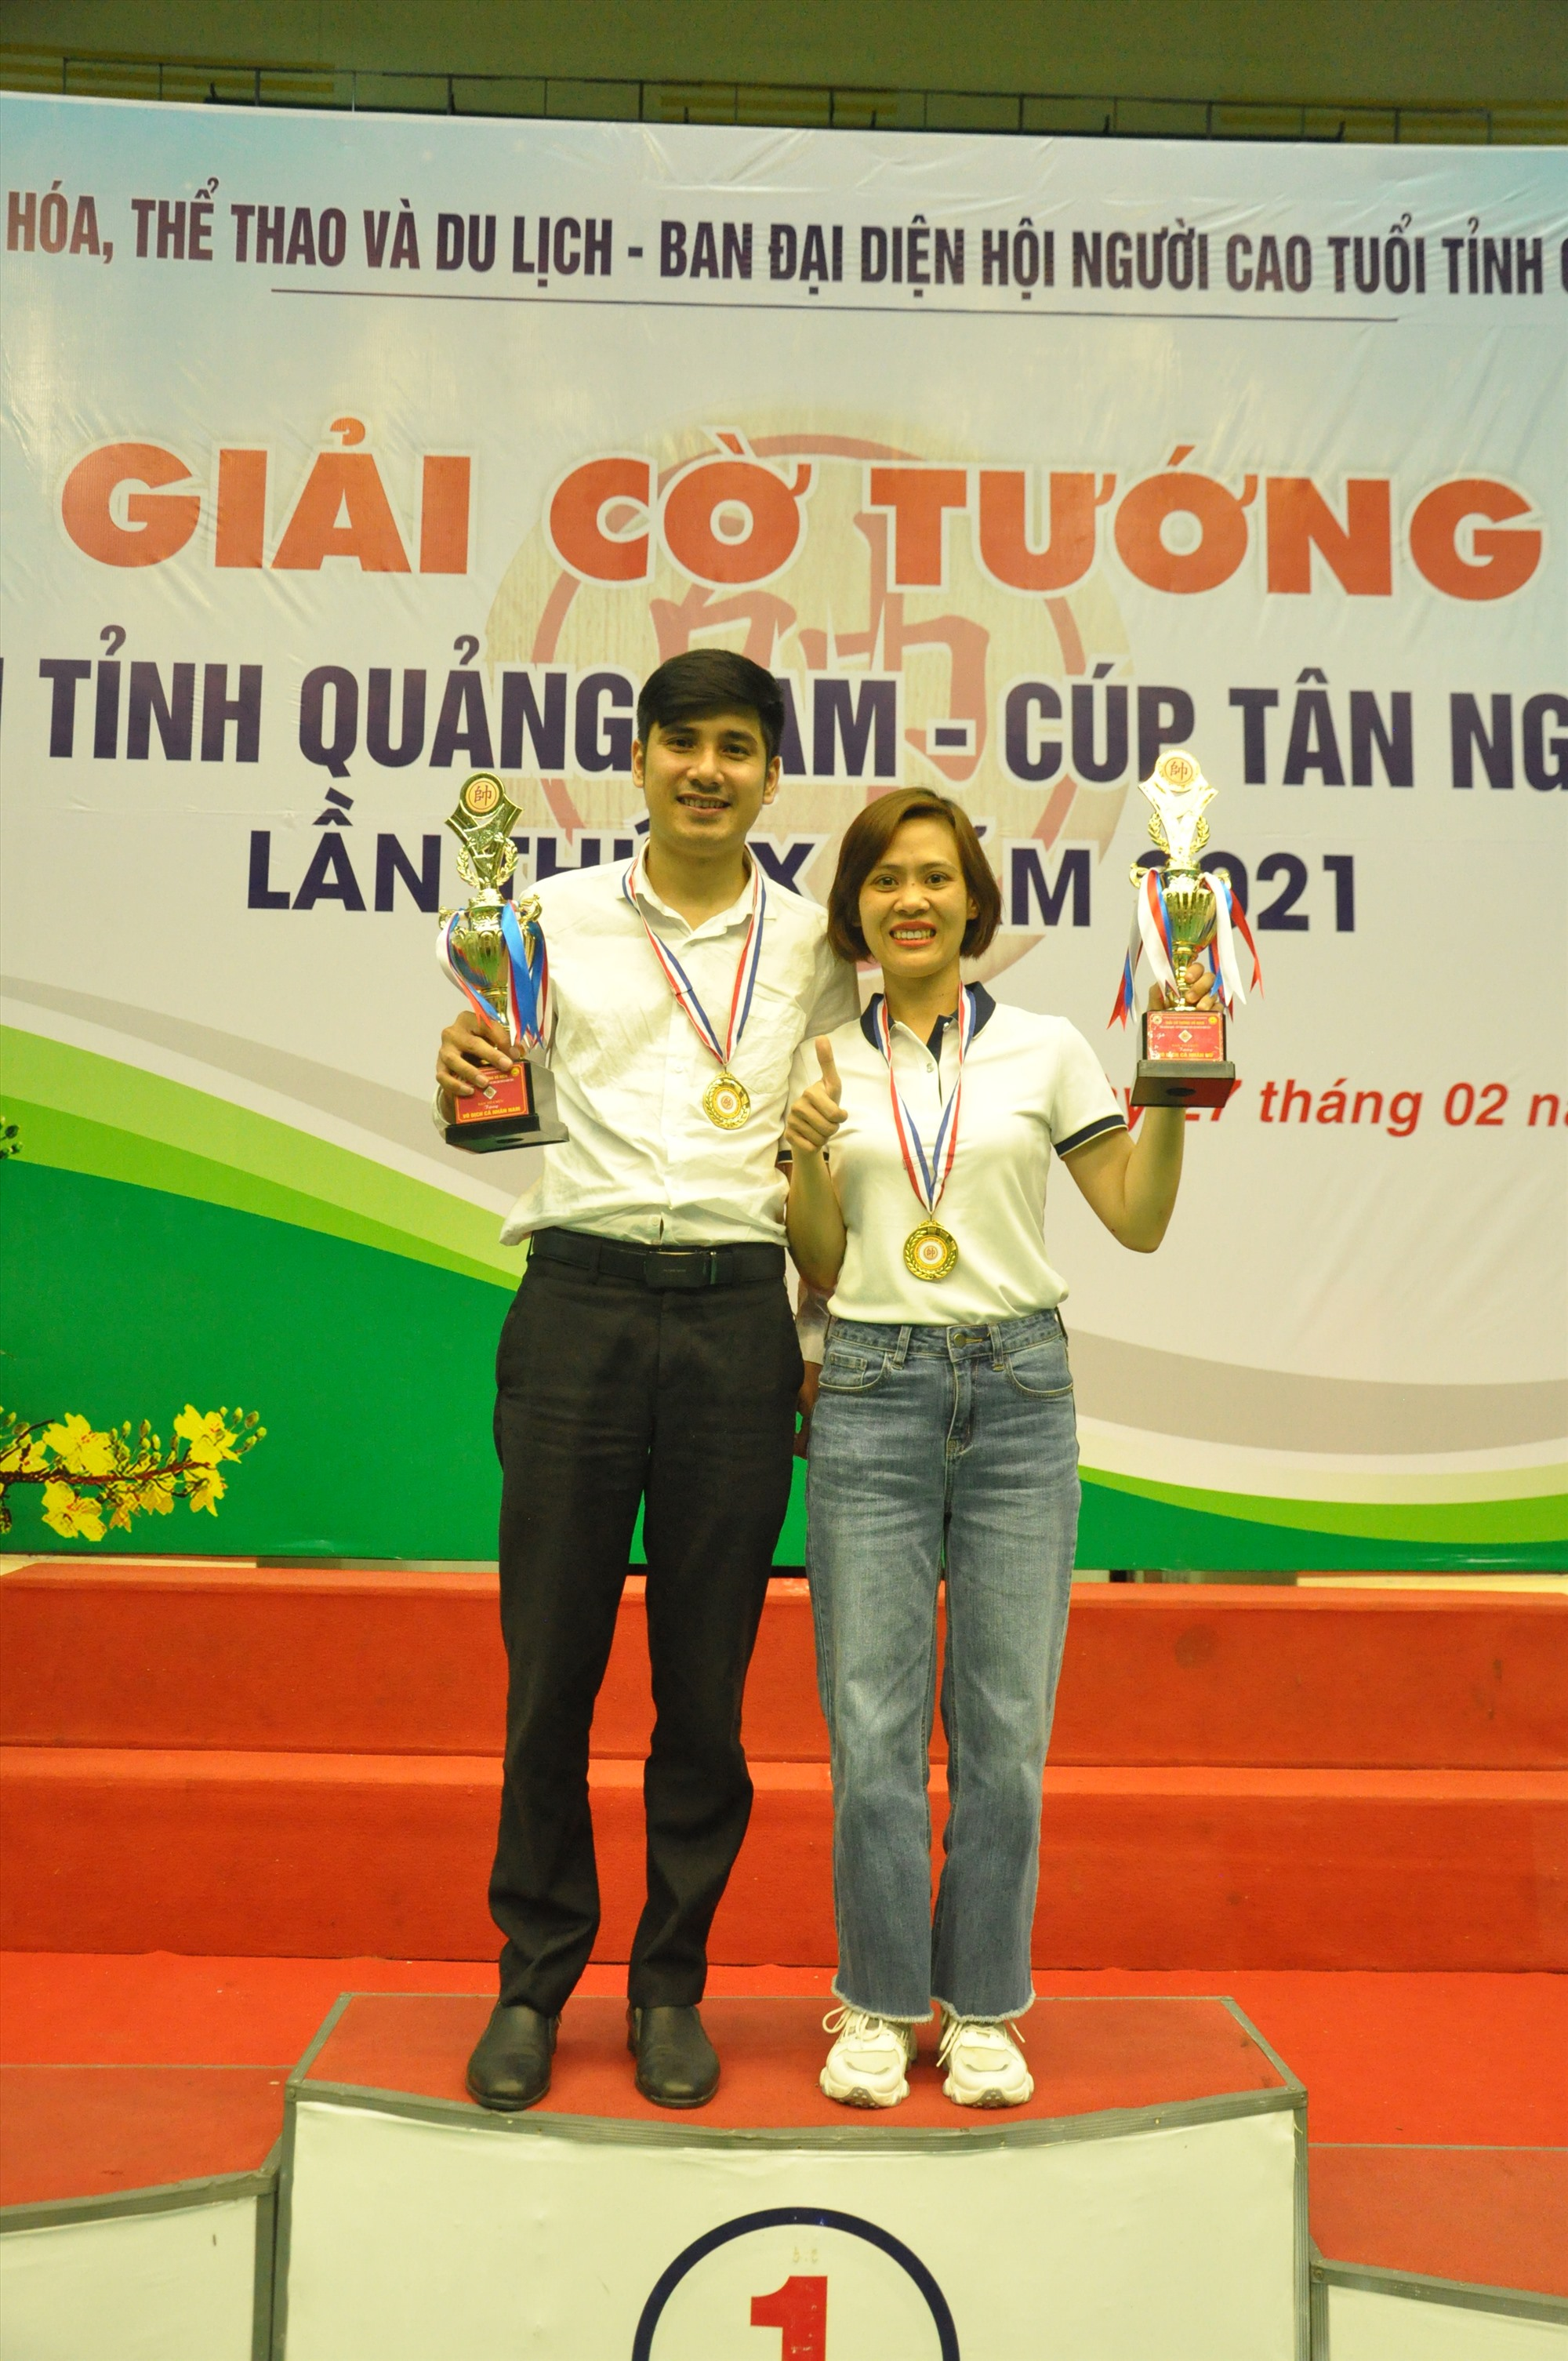 Hai nhà vô địch Trần Hữu Thạnh và Đinh Thị Kim Hằng. Ảnh: T.V